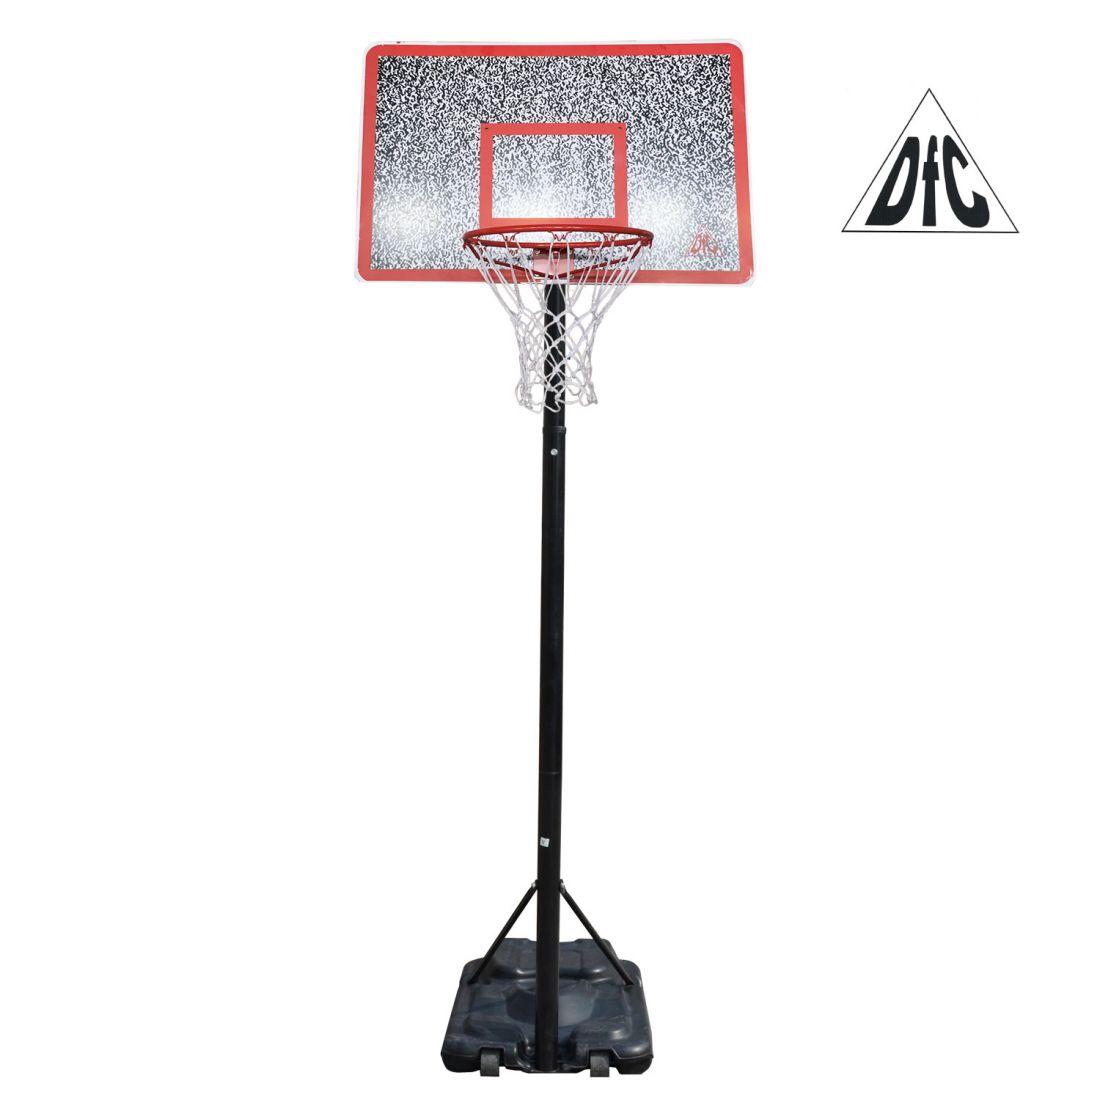 Мобильная баскетбольная стойка - DFC STAND 50M